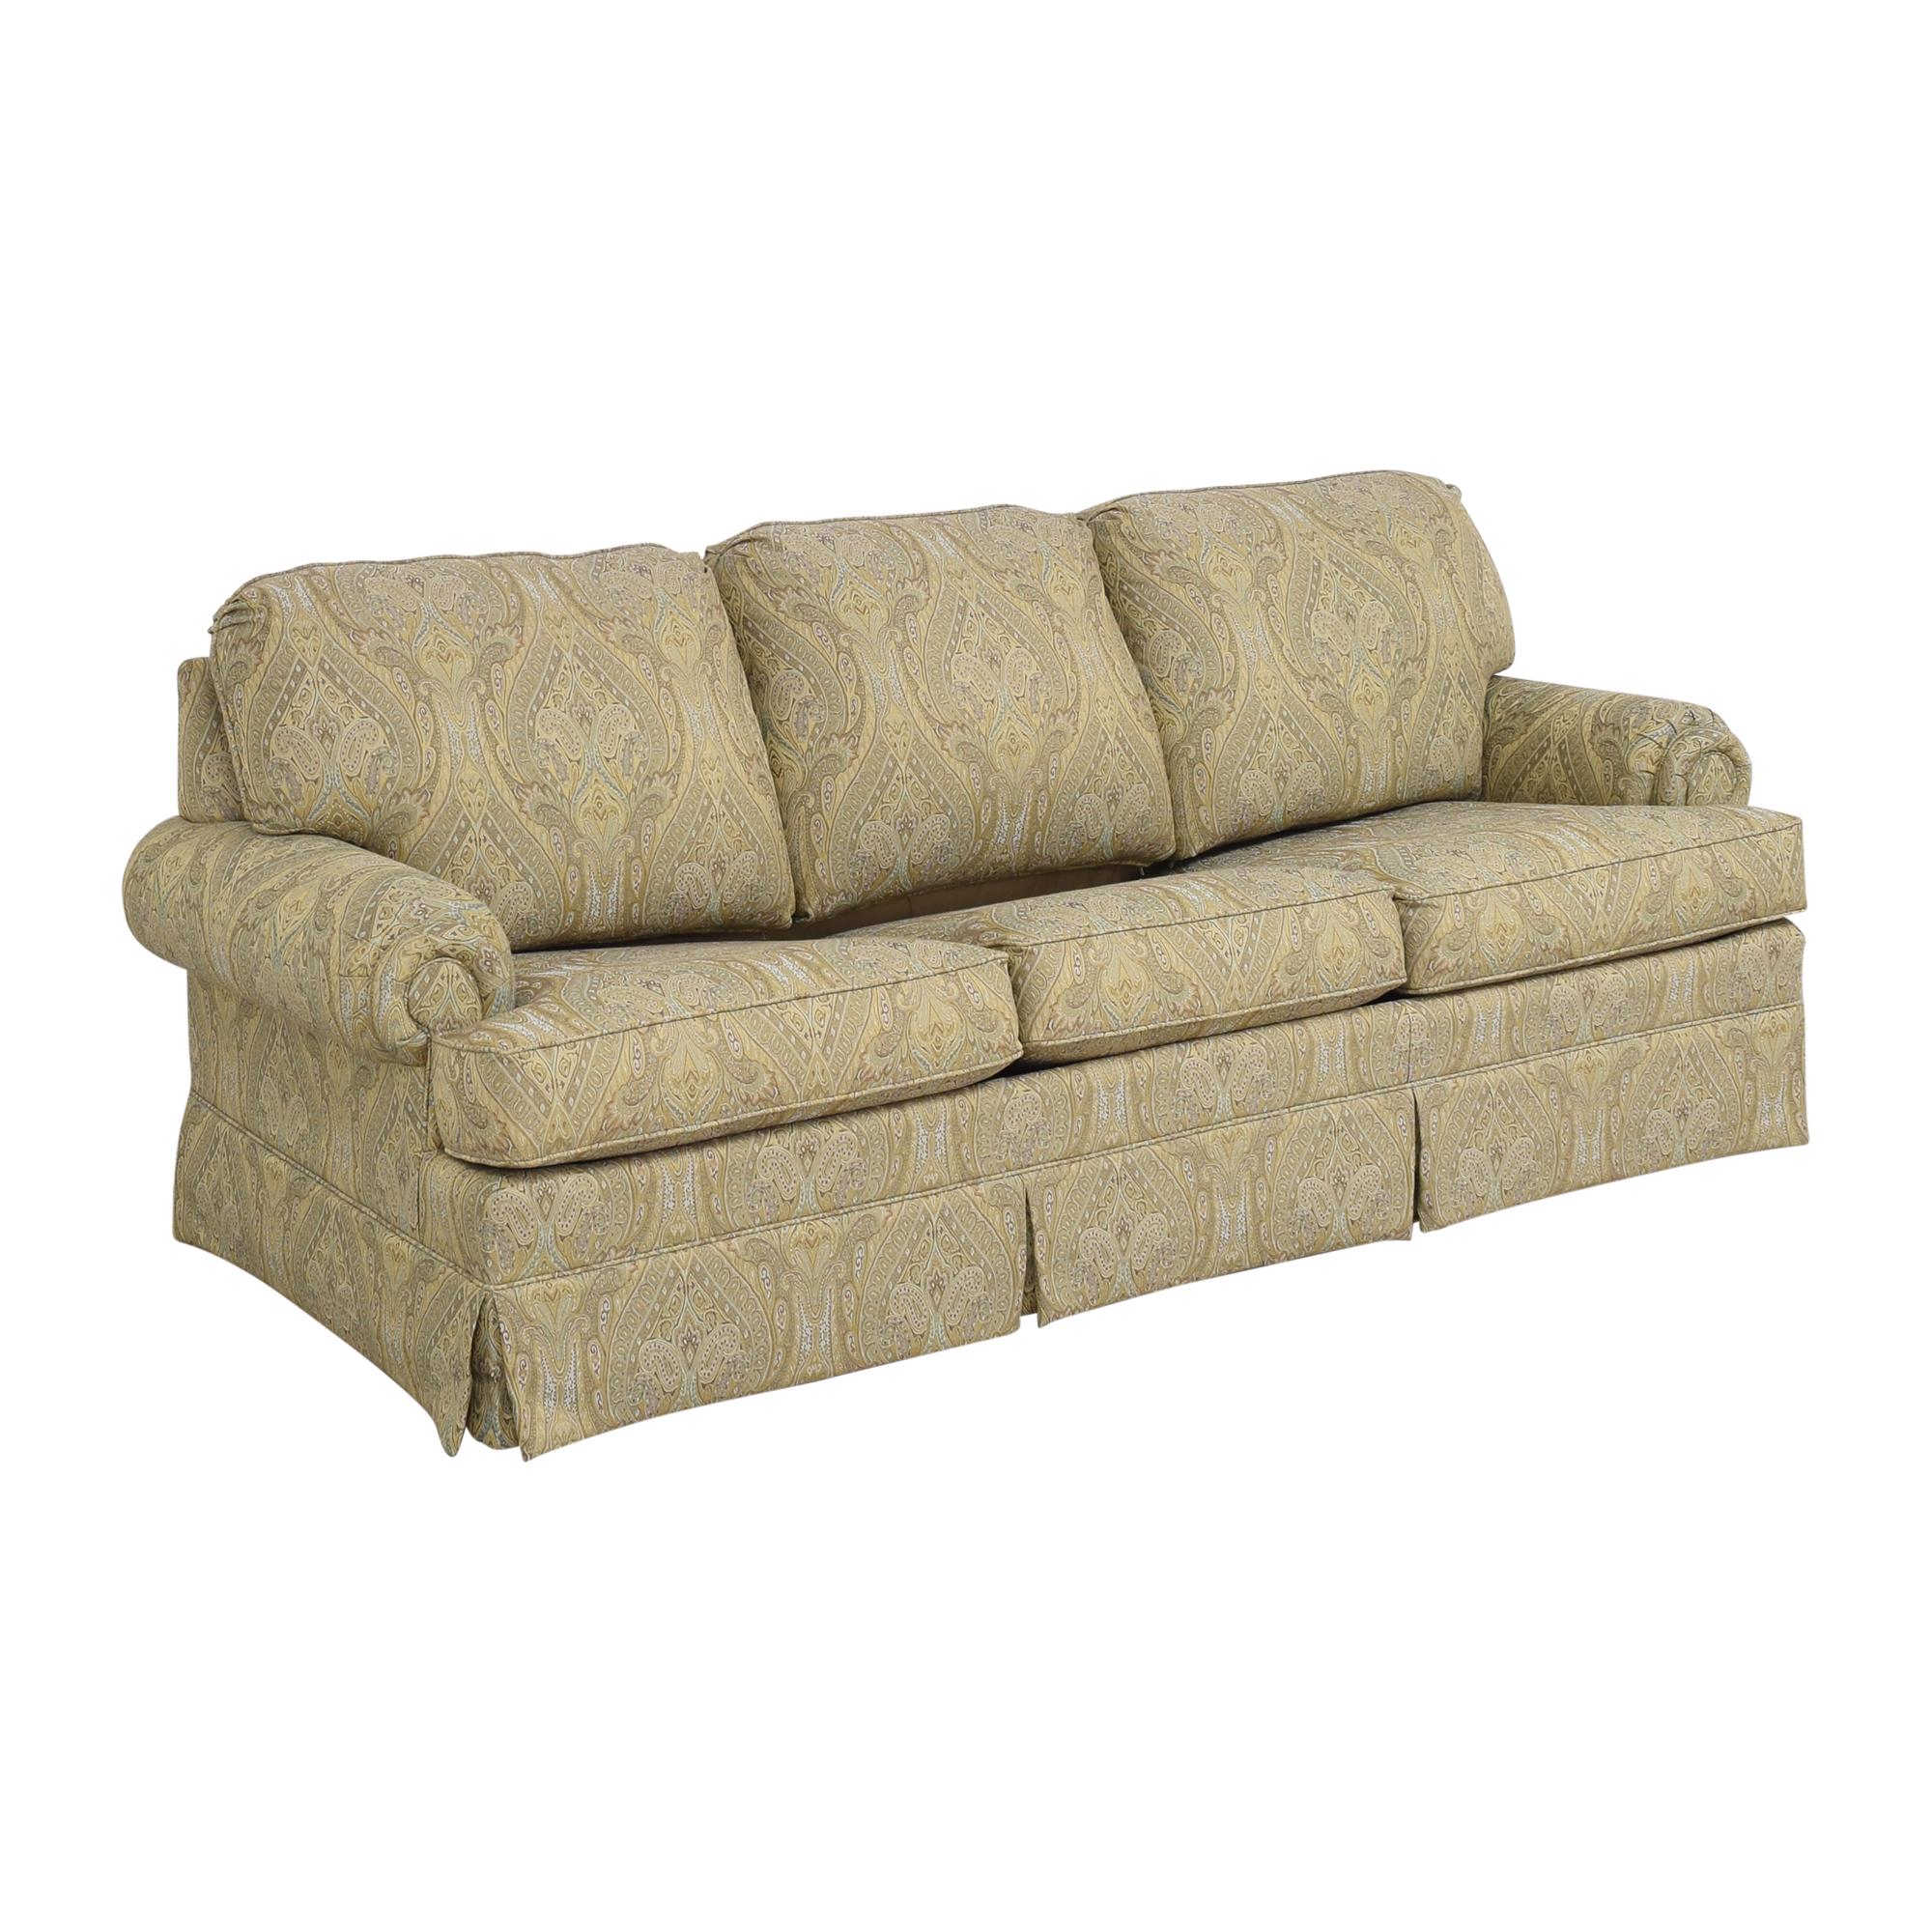 Thomasville Thomasville Paisley Three Cushion Sleeper Sofa for sale